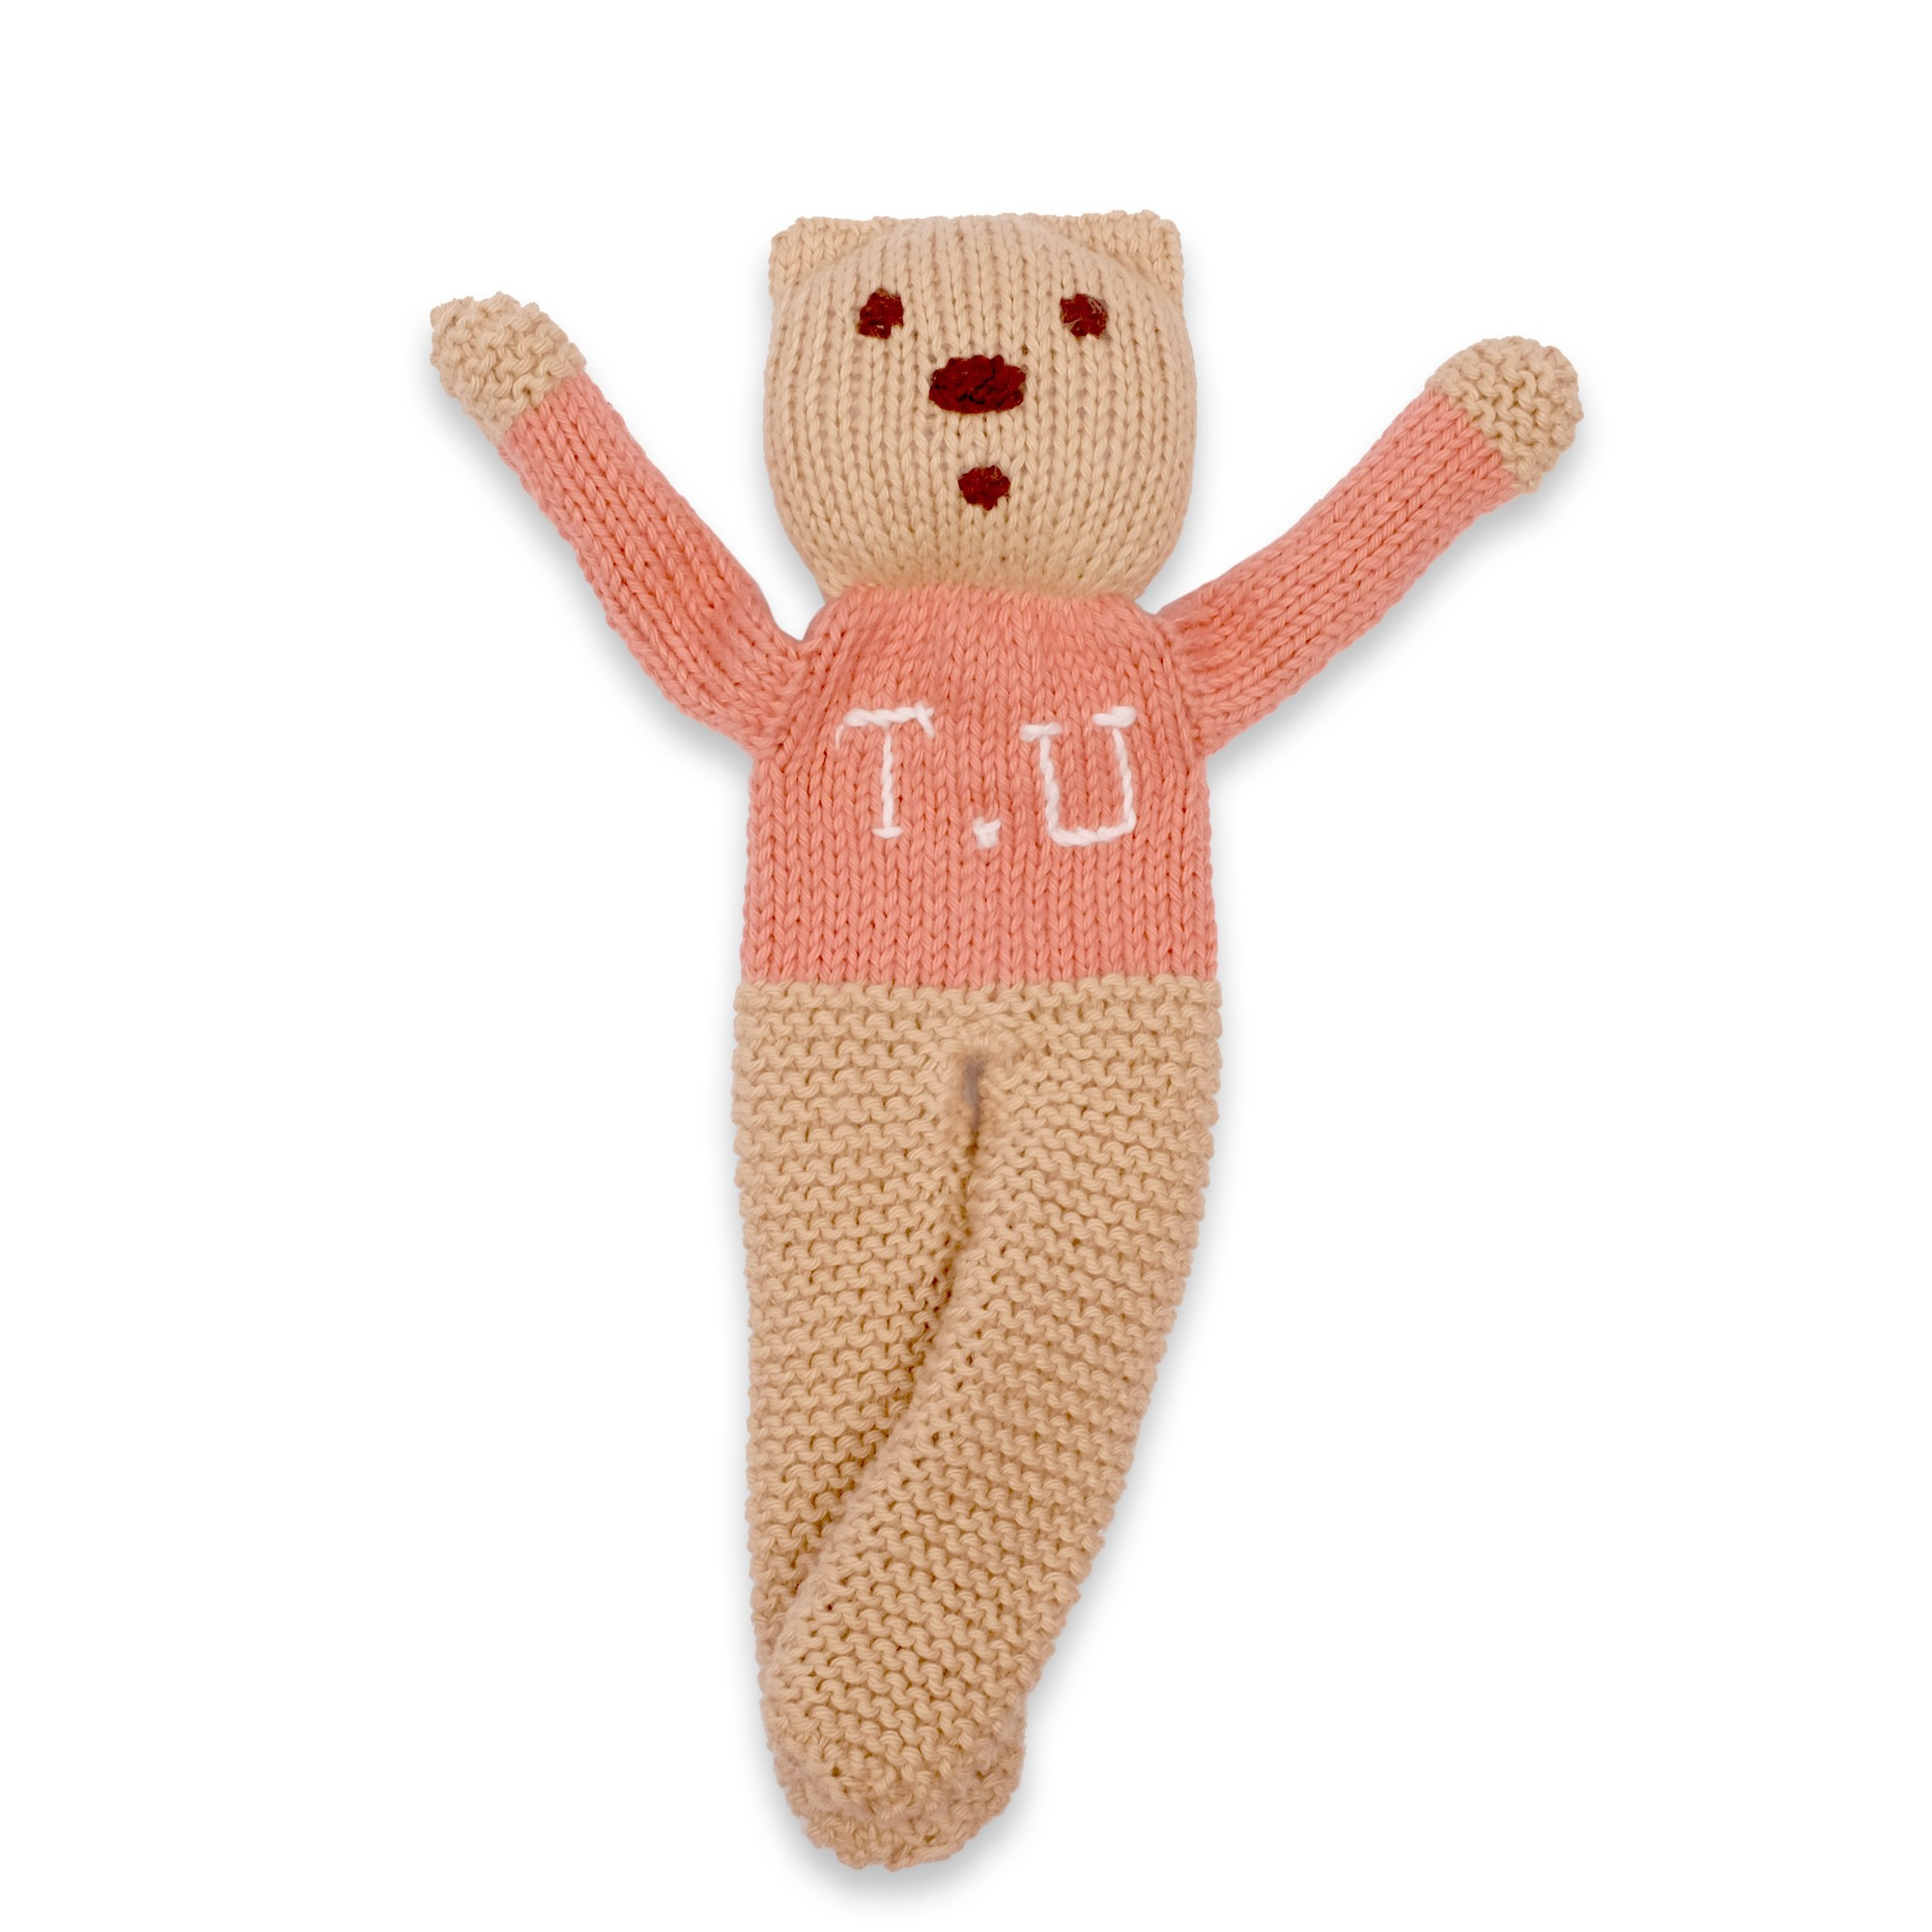 Customizable teddy bear